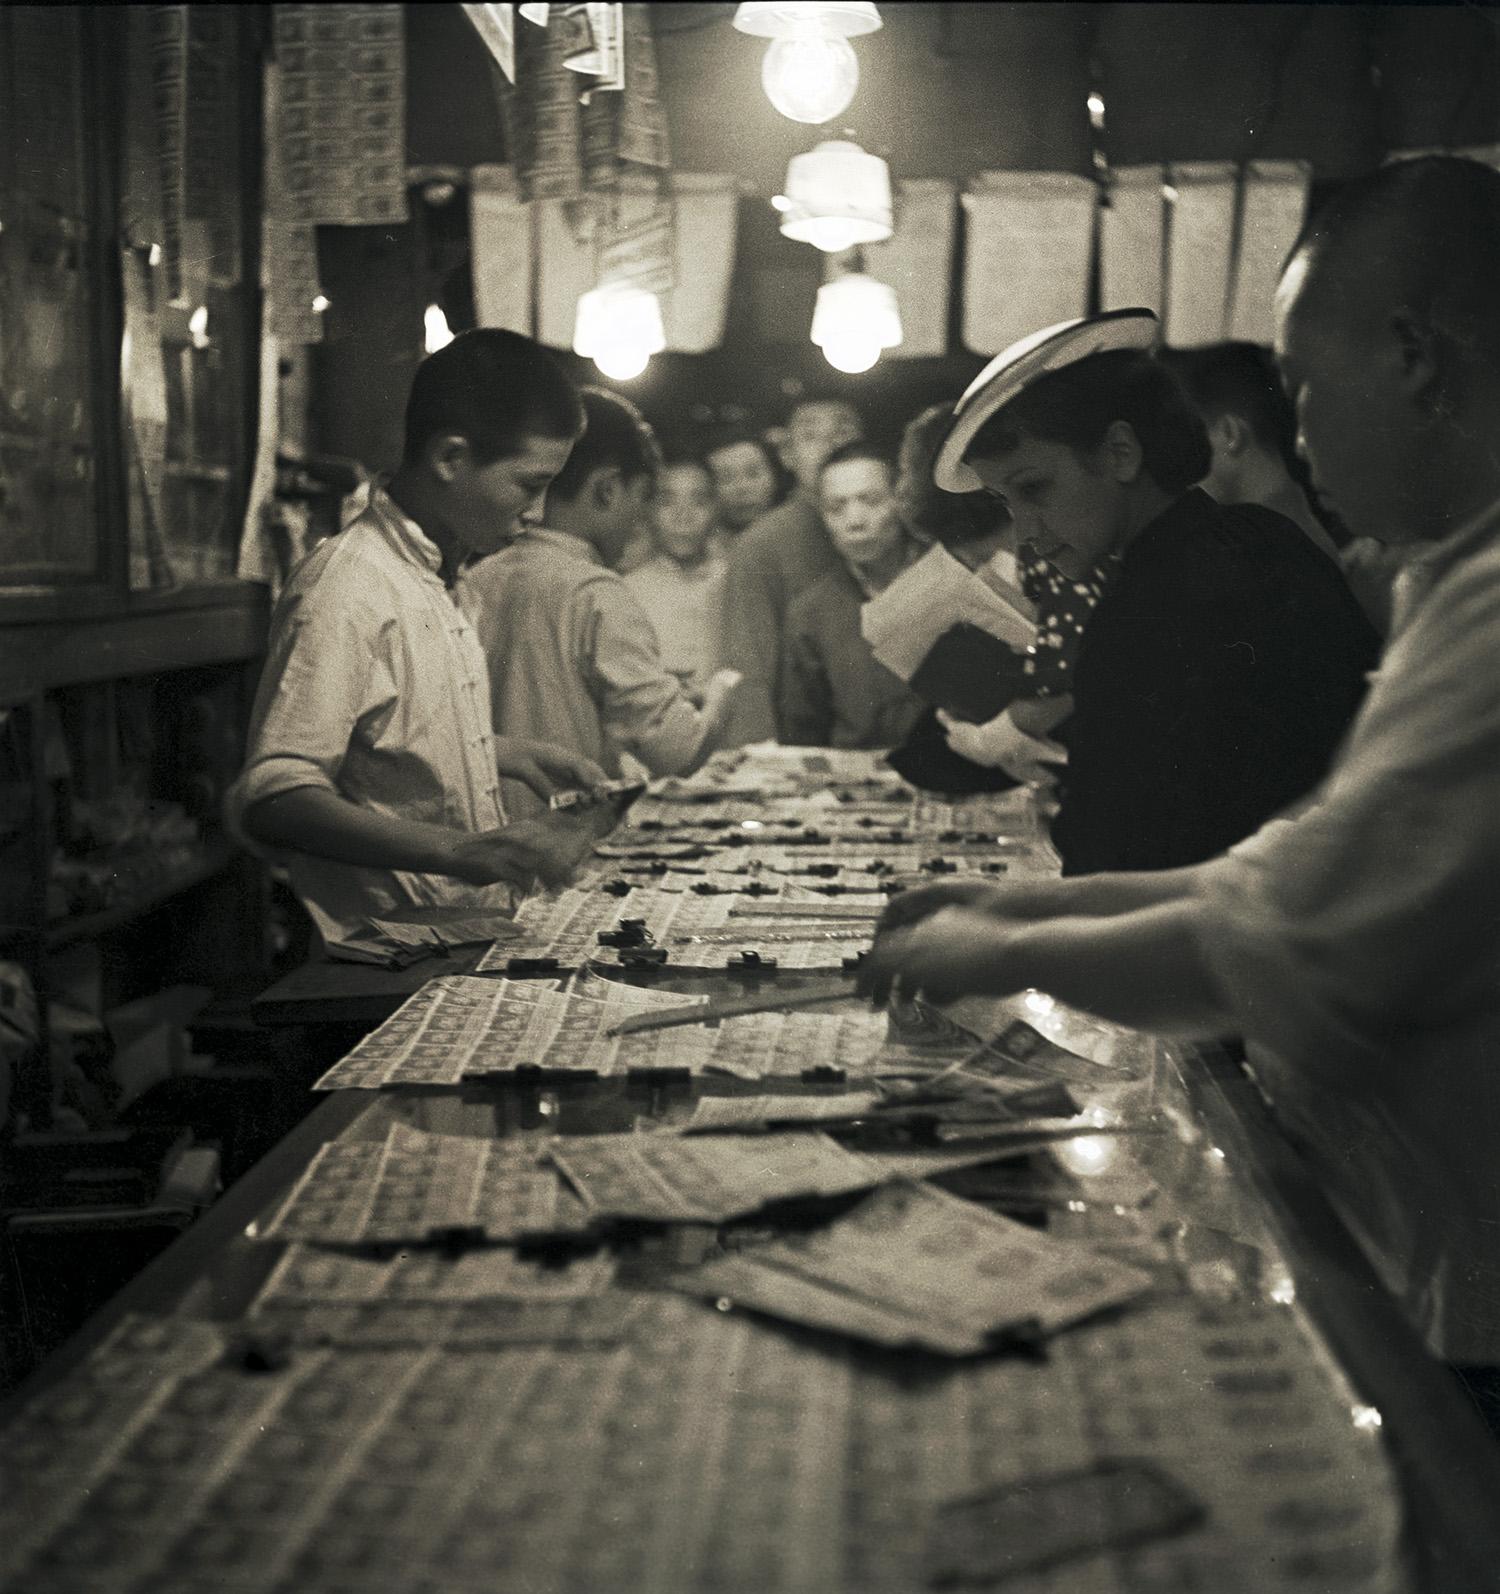 彩票, Lottery Ticket, early 1930s / Courtesy of Jin Hua